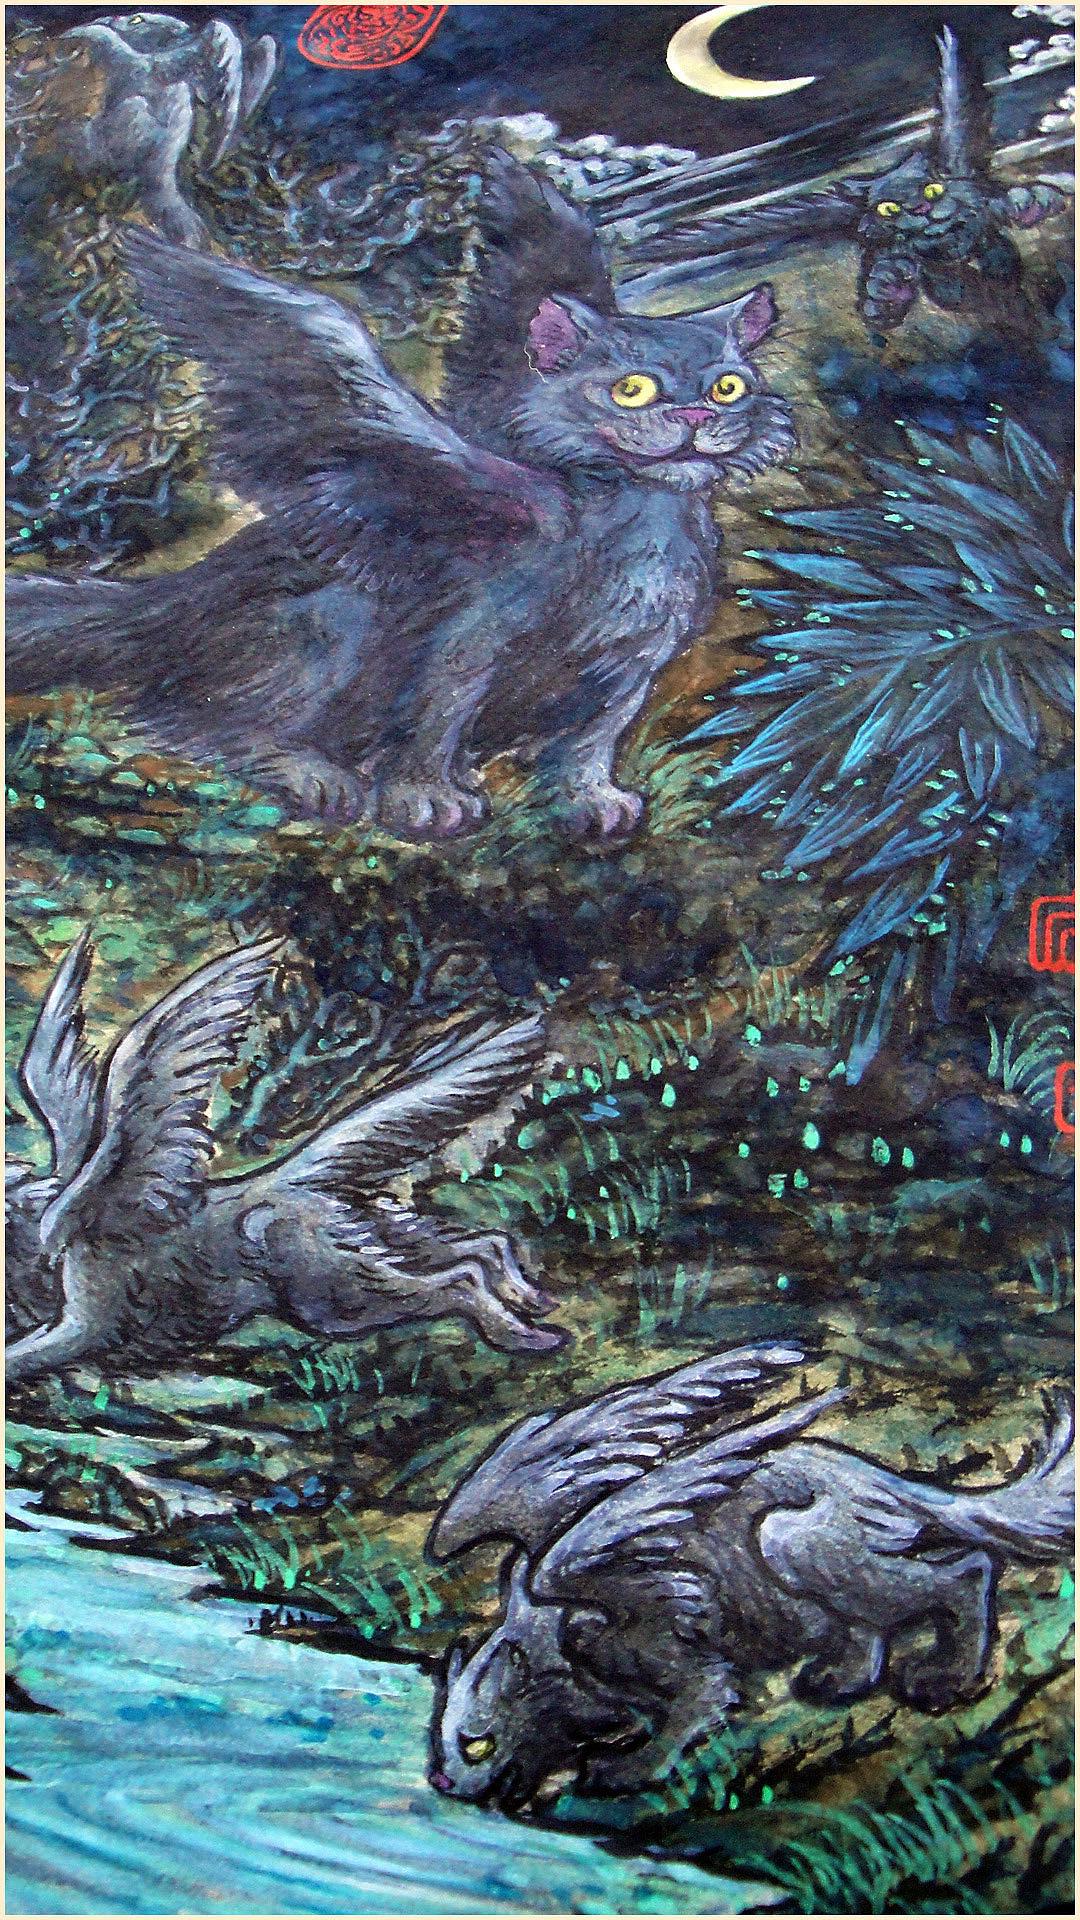 翼猫——长翅膀的喵天使